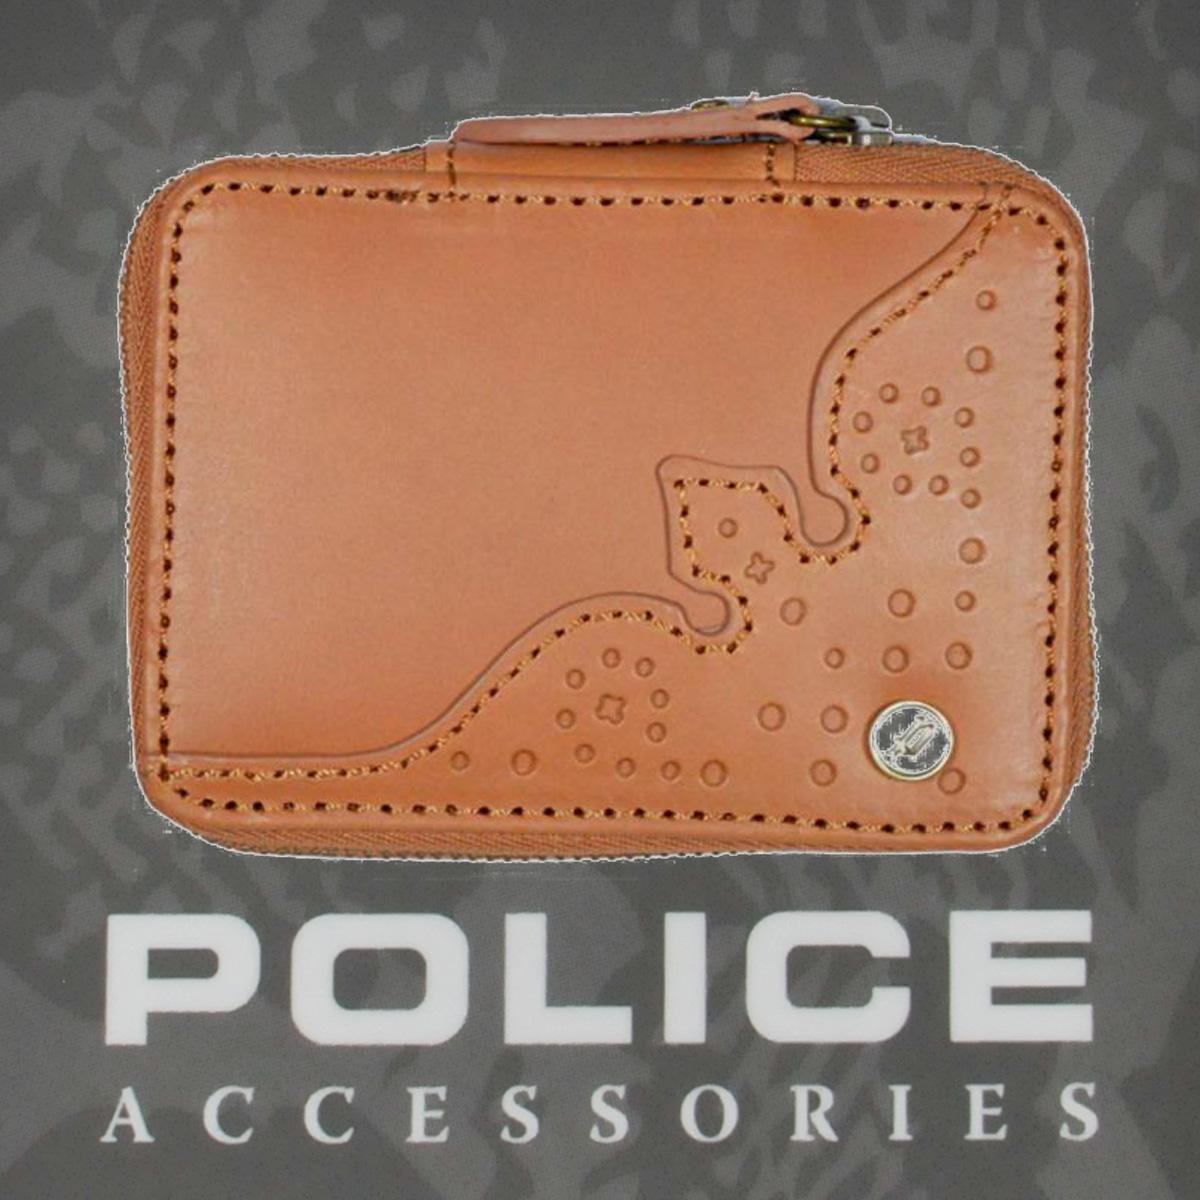 POLICE(ポリス)WINGTIP キーケース ブラウン【PA-56800-25】